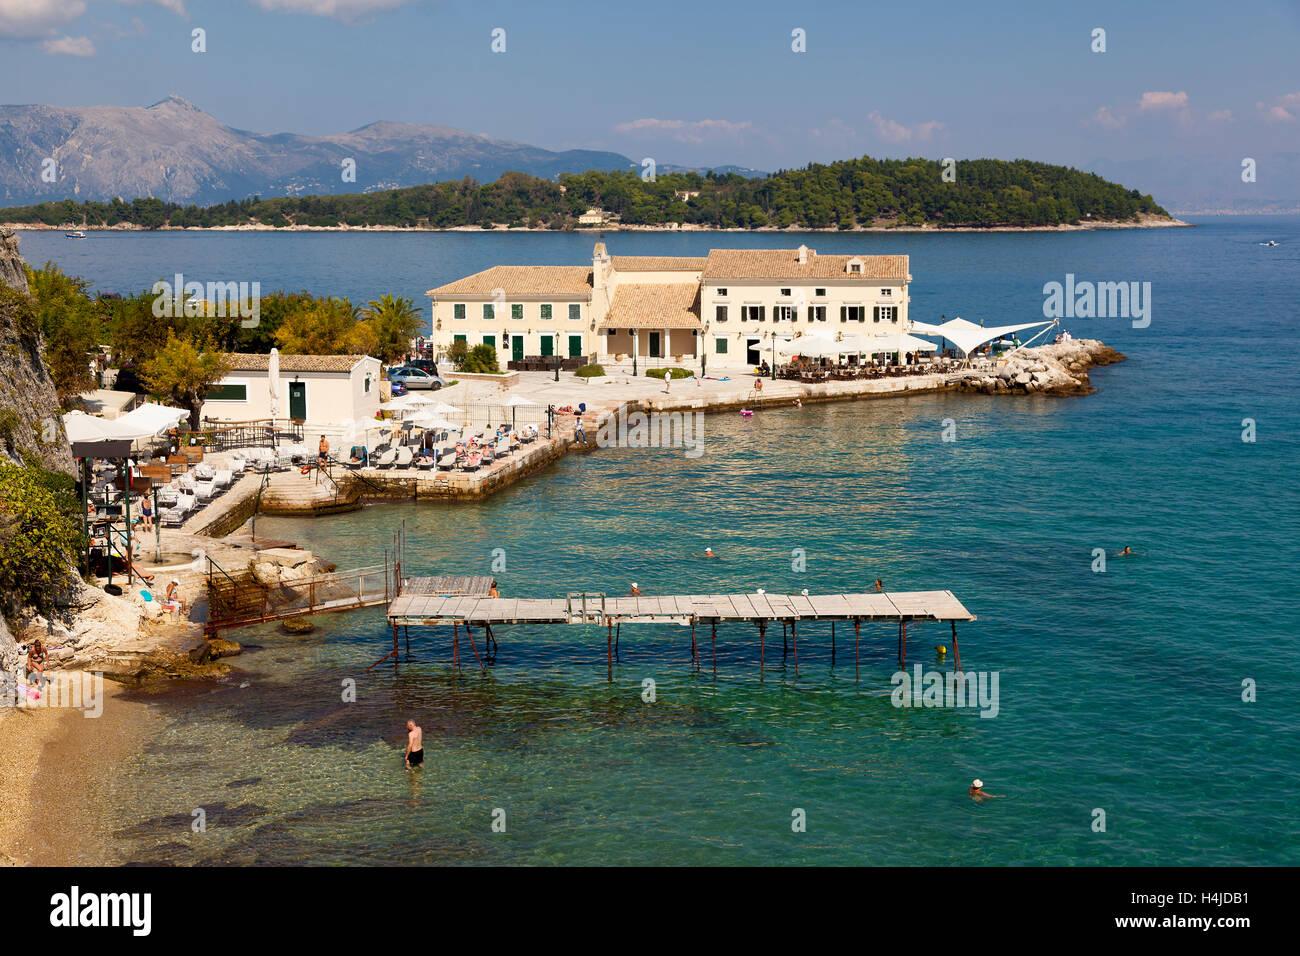 Beach in Corfu, Greek Ionian Islands, Greece Stock Photo